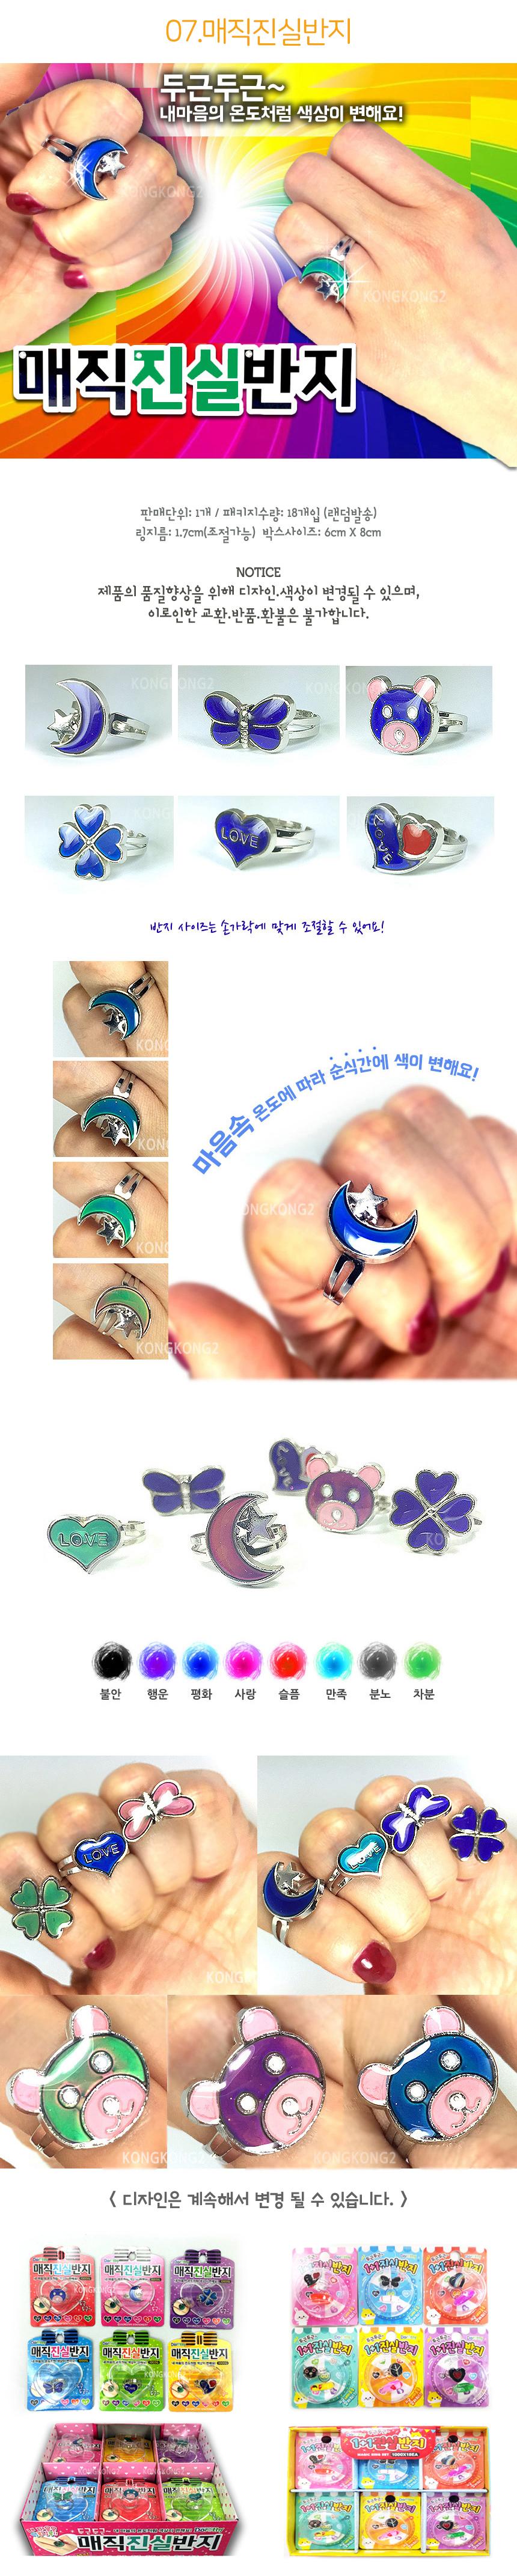 accessories_07.jpg